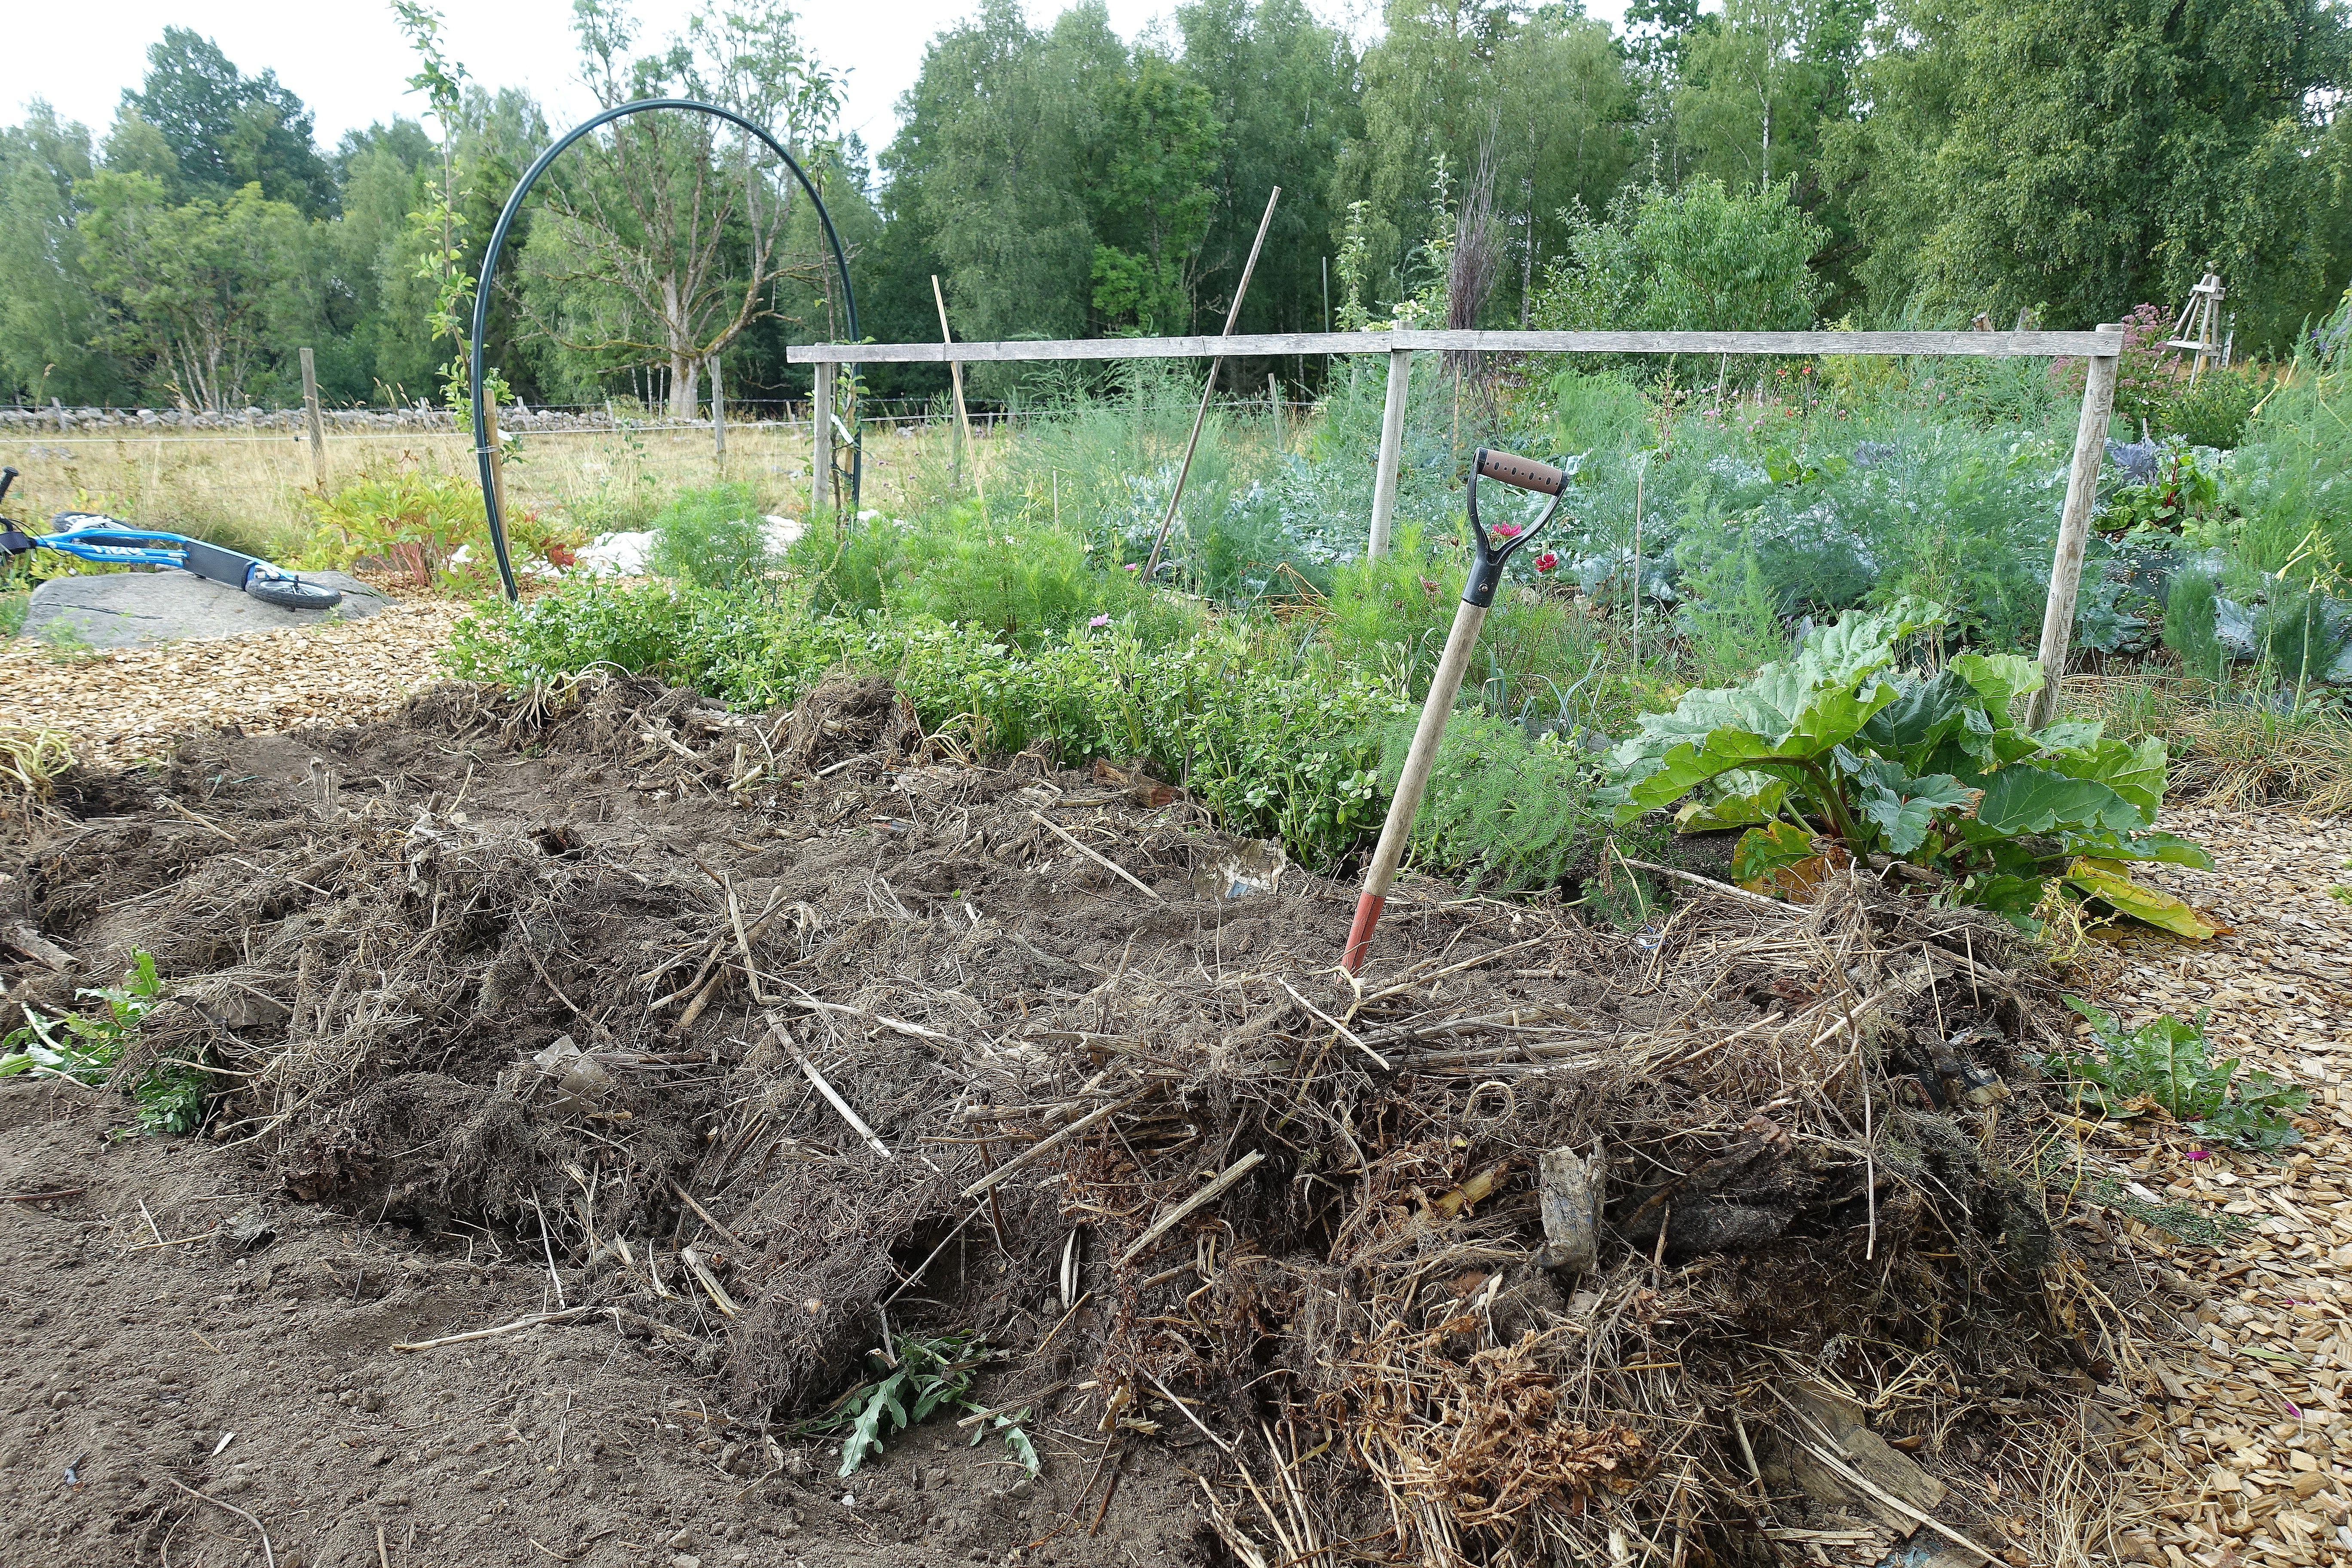 Bild på landen med stora högar av brunsvarta växtdelar på. Summer sowing, large piles of mulch